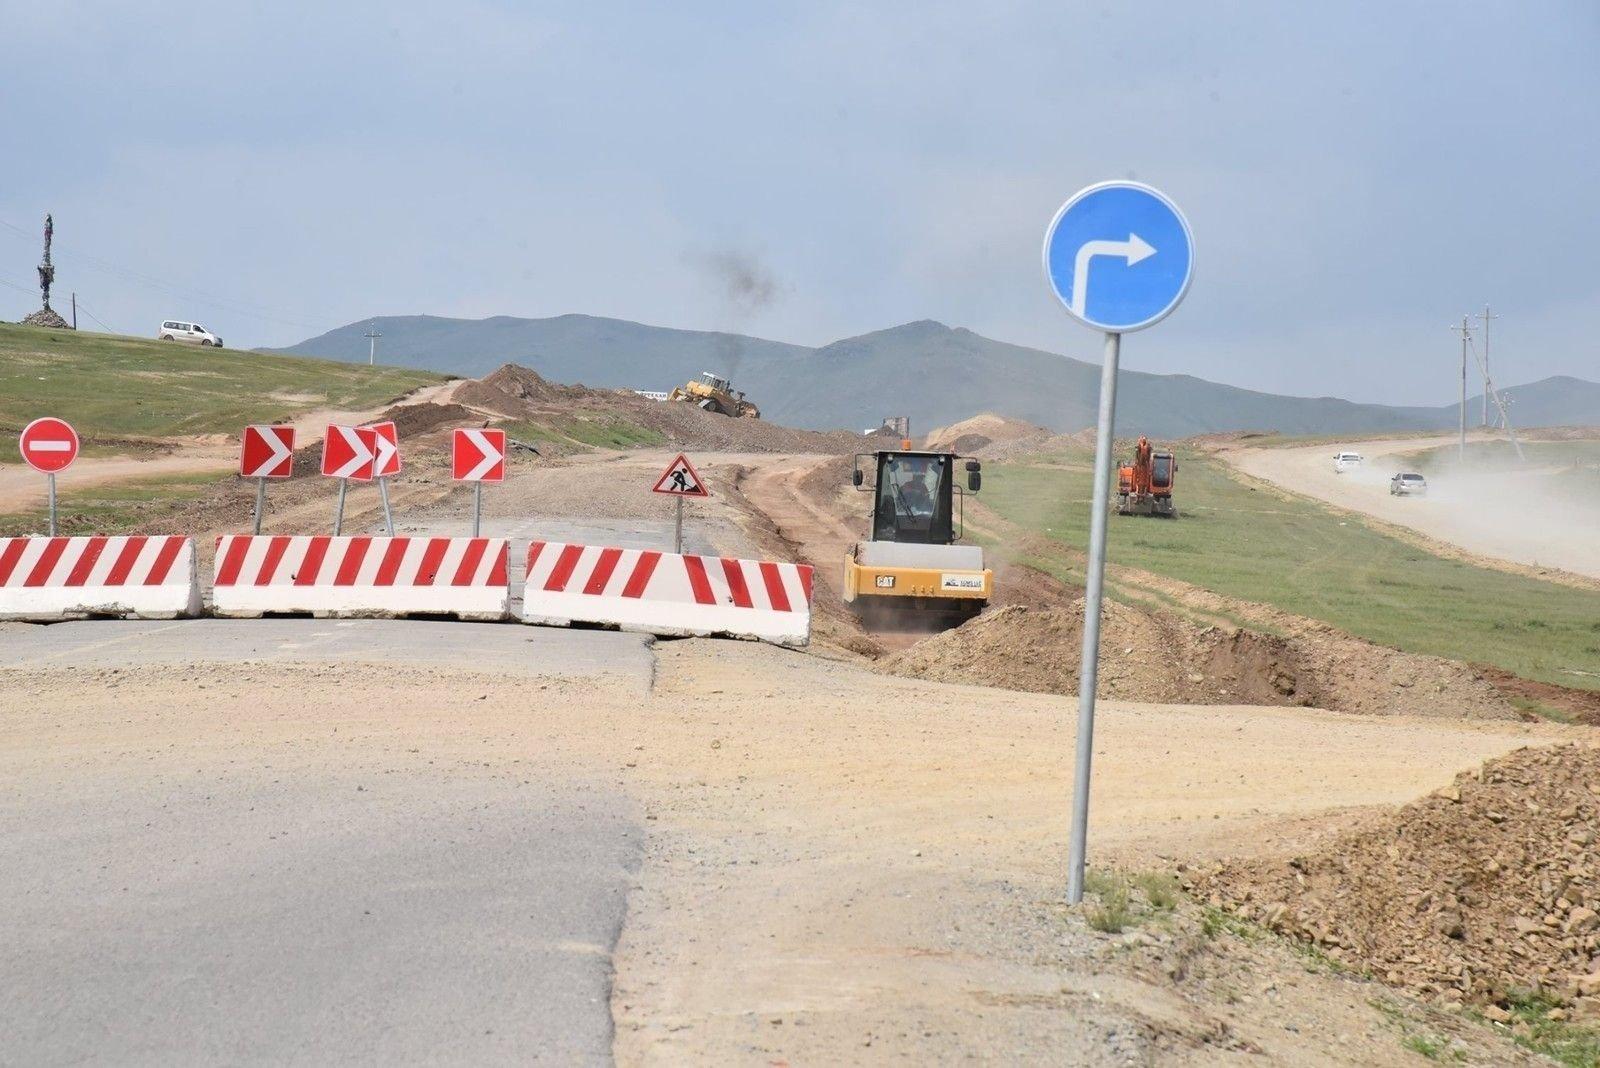 Улаанбаатар-Баянчандмань чиглэлийн 37 км авто замыг долоодугаар сард ашиглалтад оруулахаар ажиллаж байна